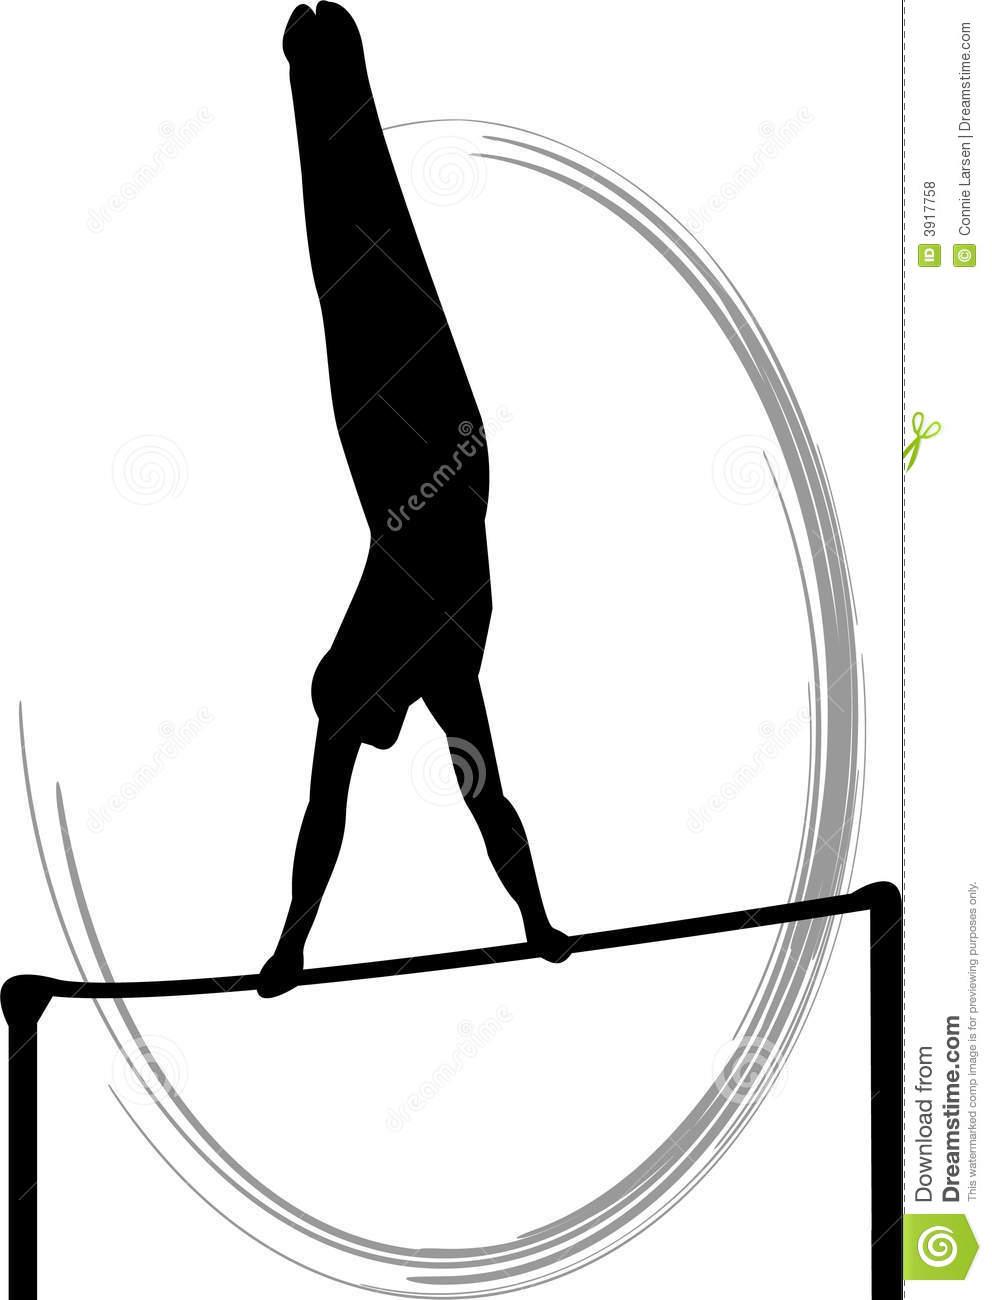 992x1300 Clip Art Bar Gymnastics Clipart Panda